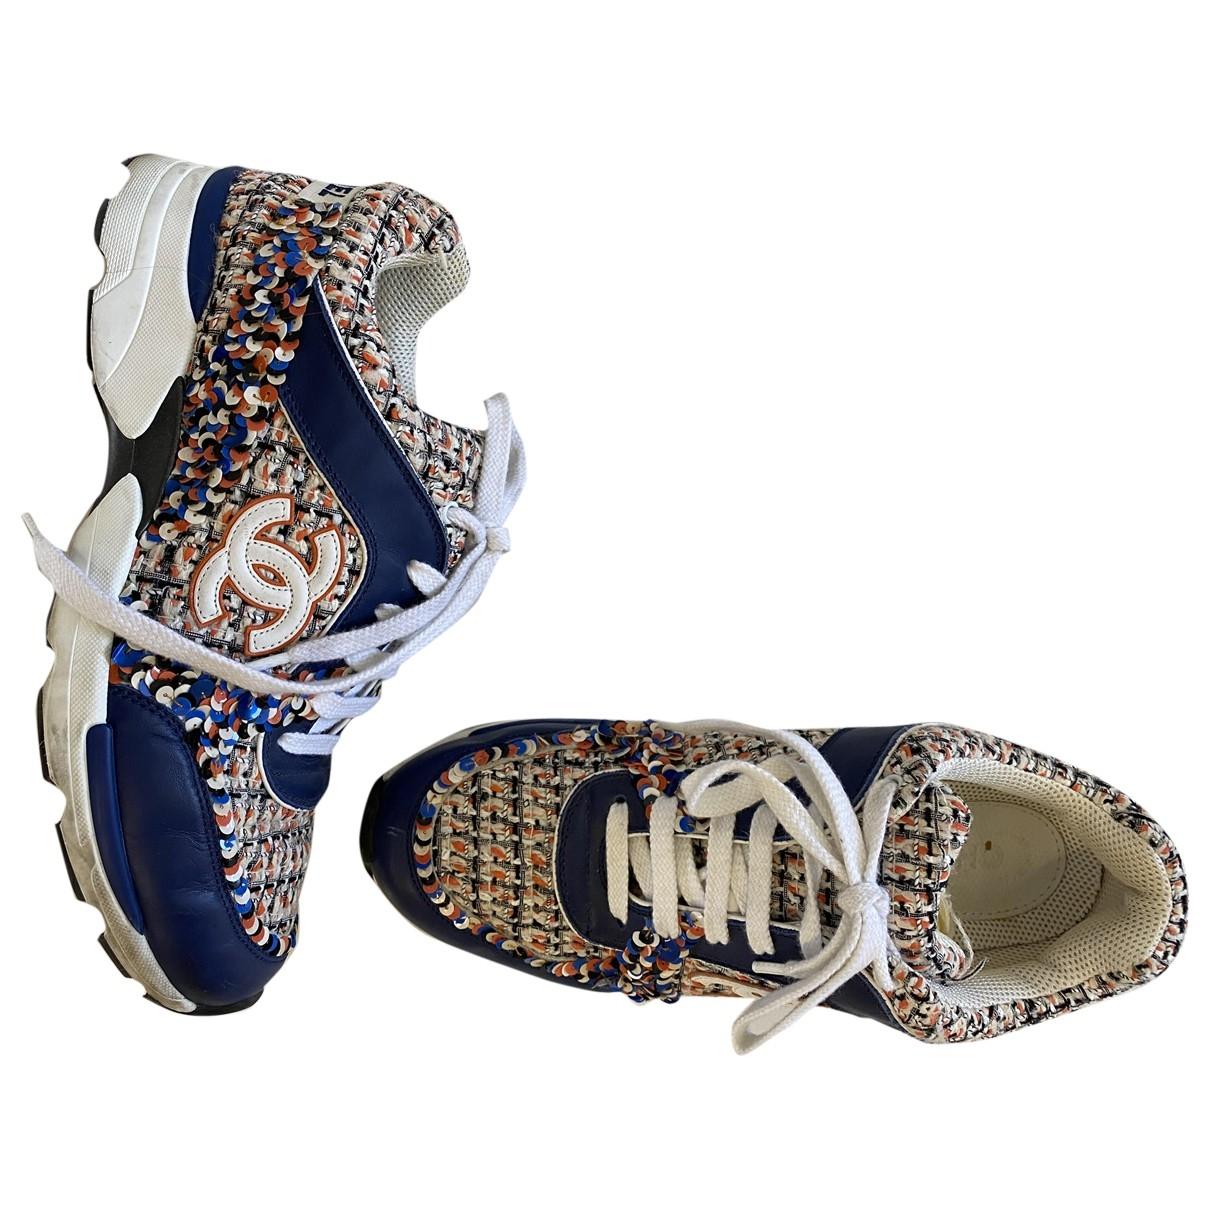 Chanel \N Sneakers in  Ecru Tweed